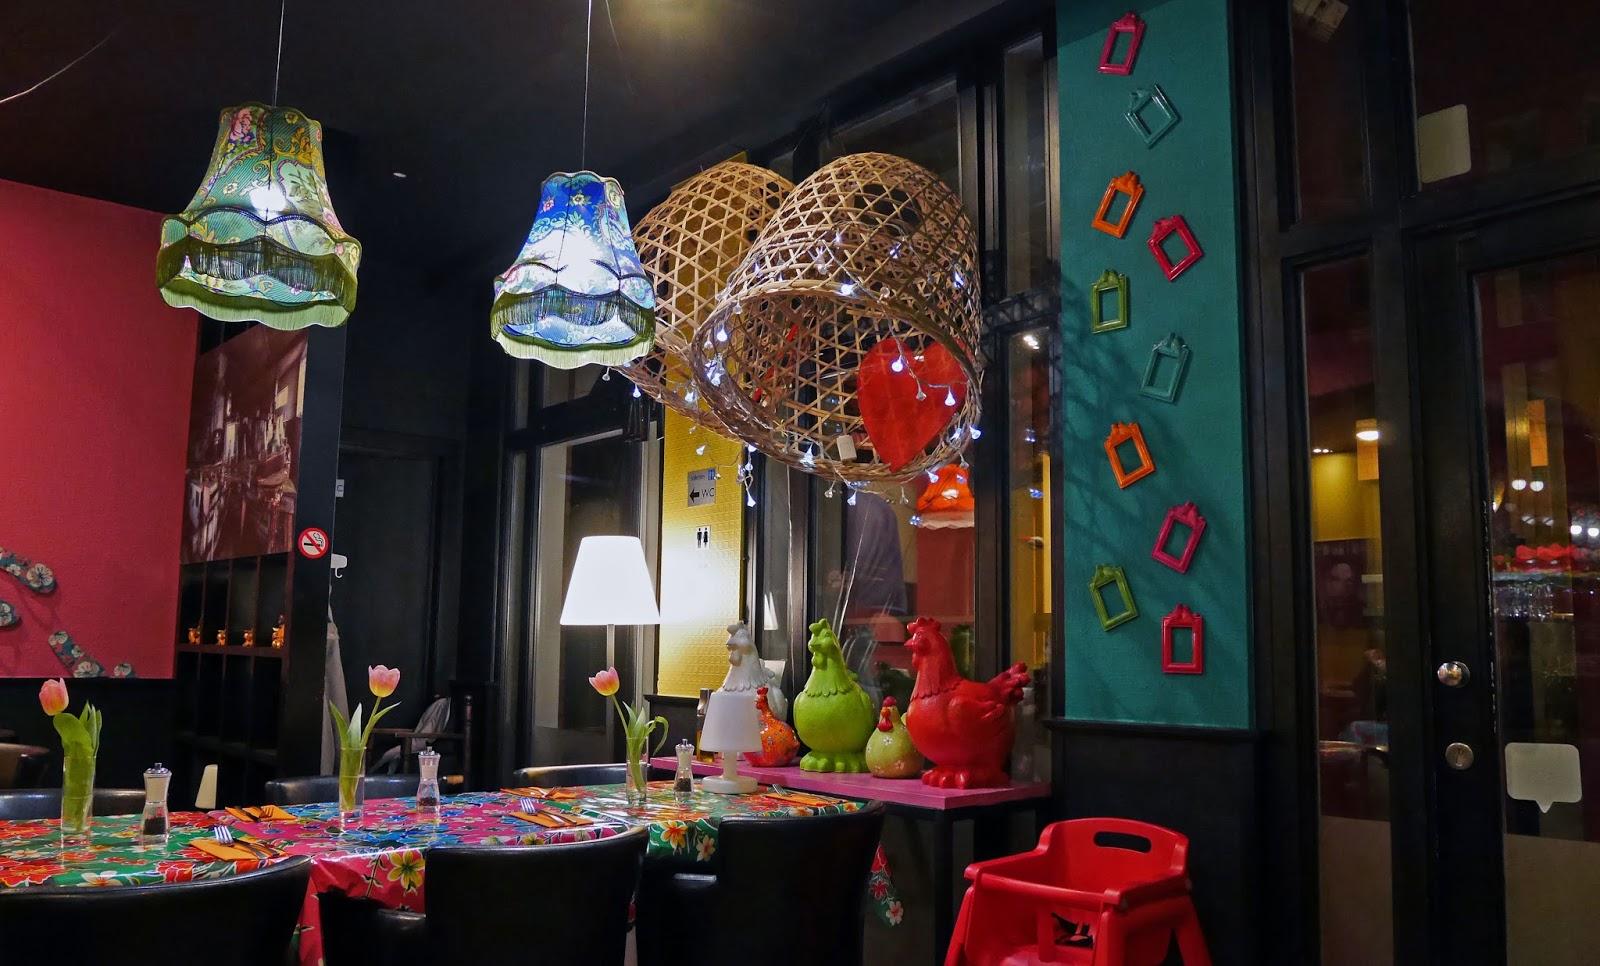 Inside Arthie's Restaurant in Bruges